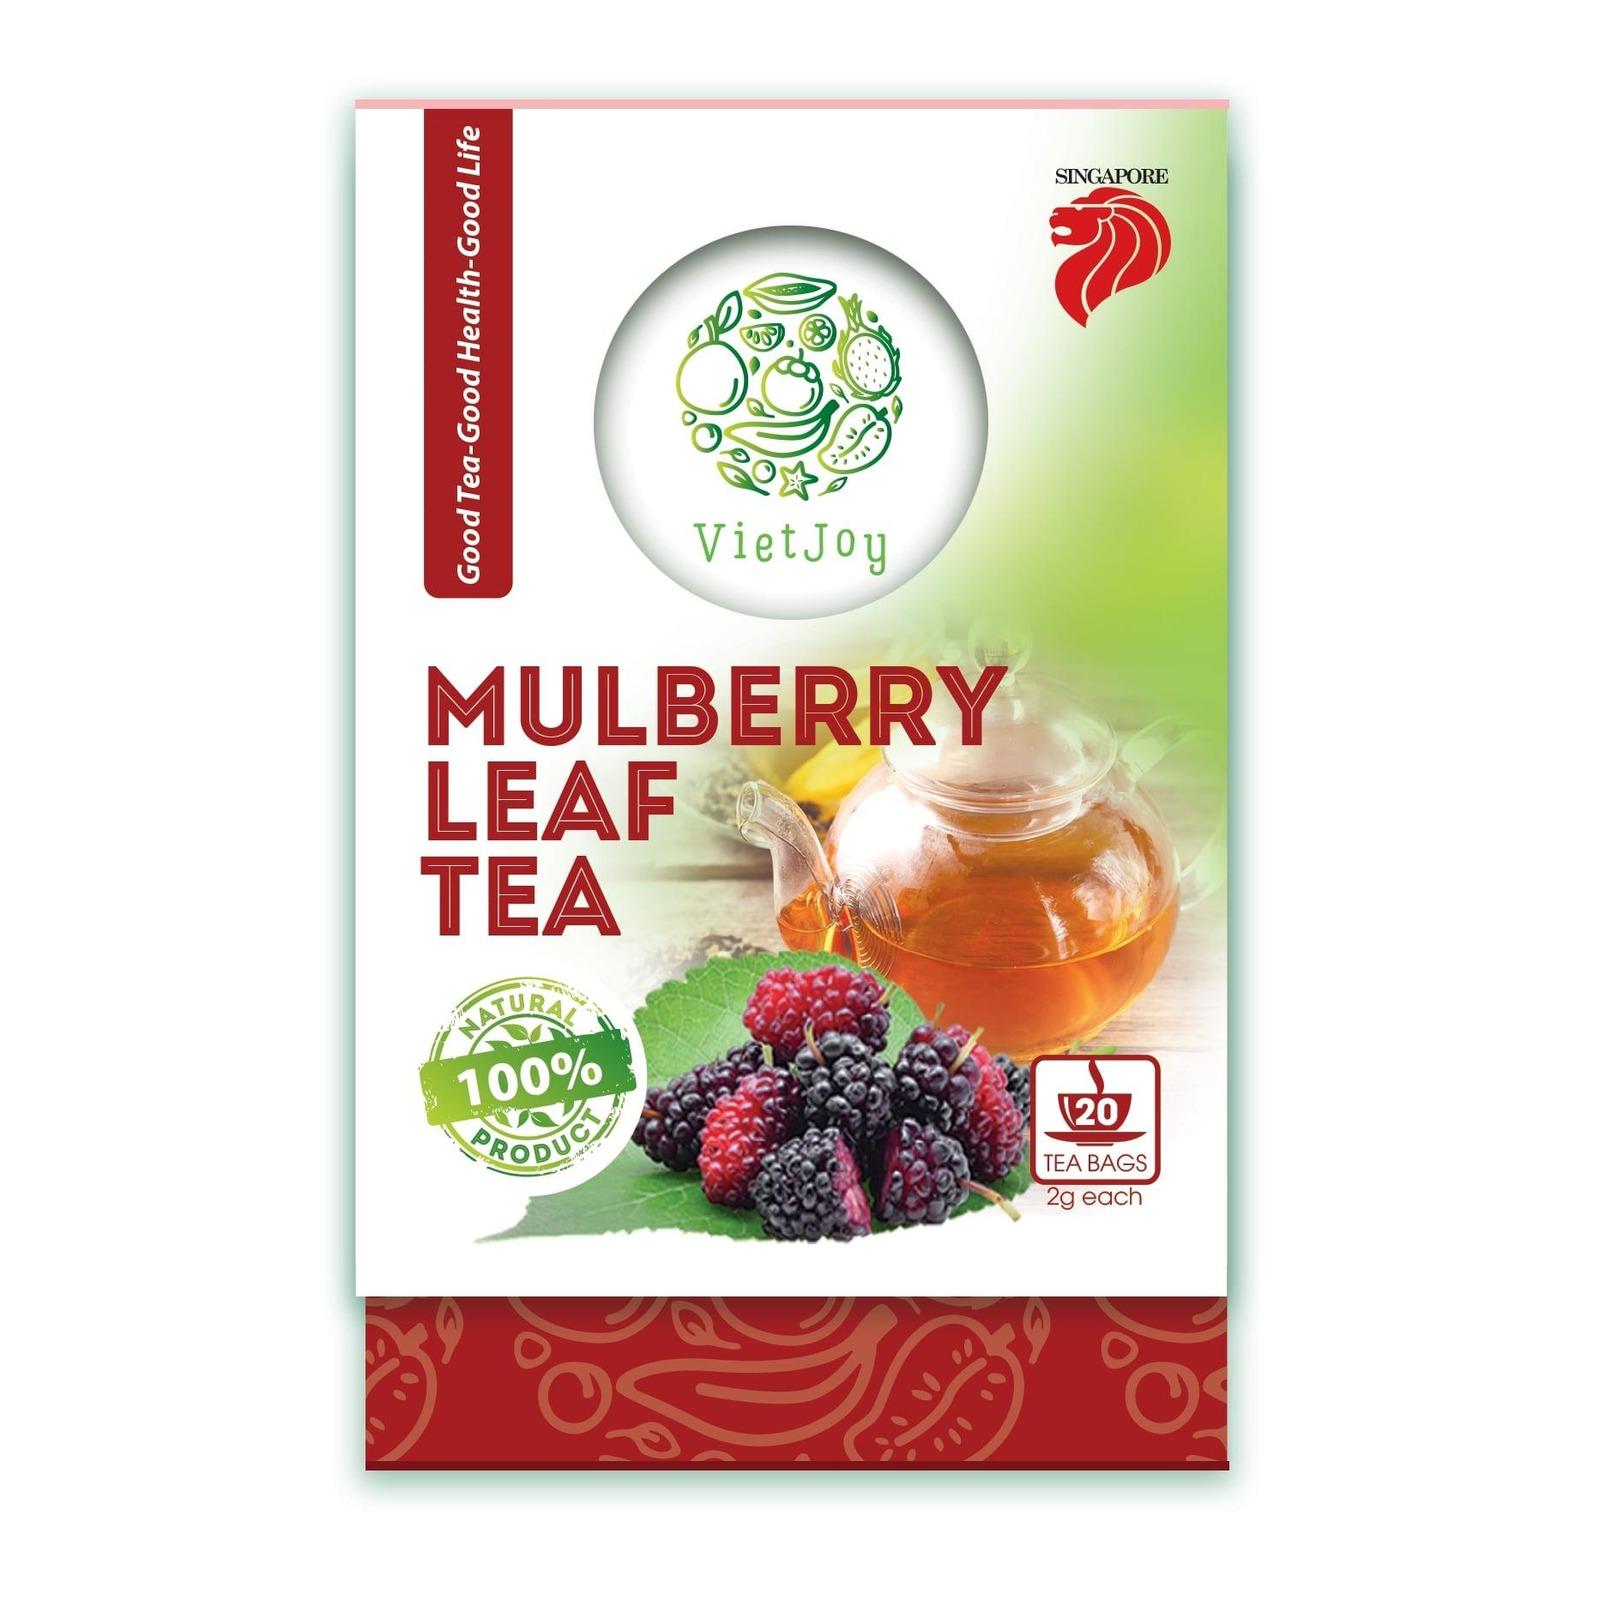 Vietjoy Mulberry Leaf Tea